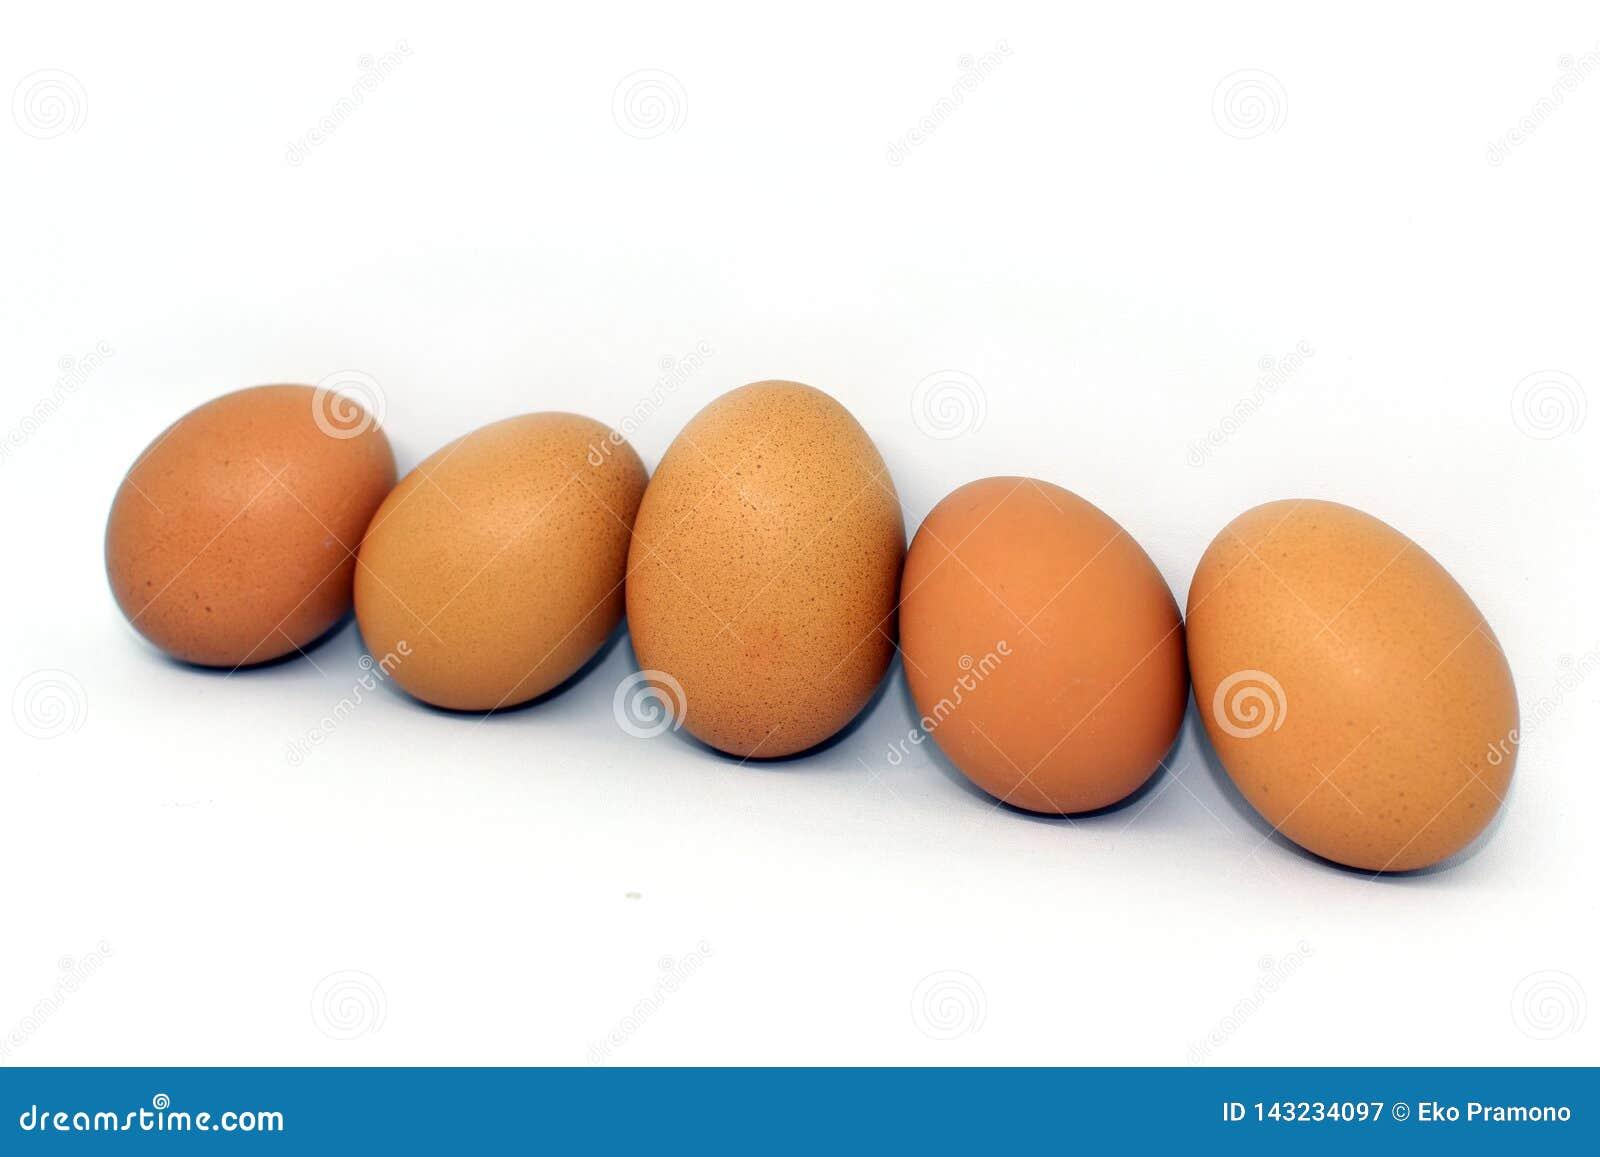 Hühnerei lokalisiert auf weißem Hintergrund